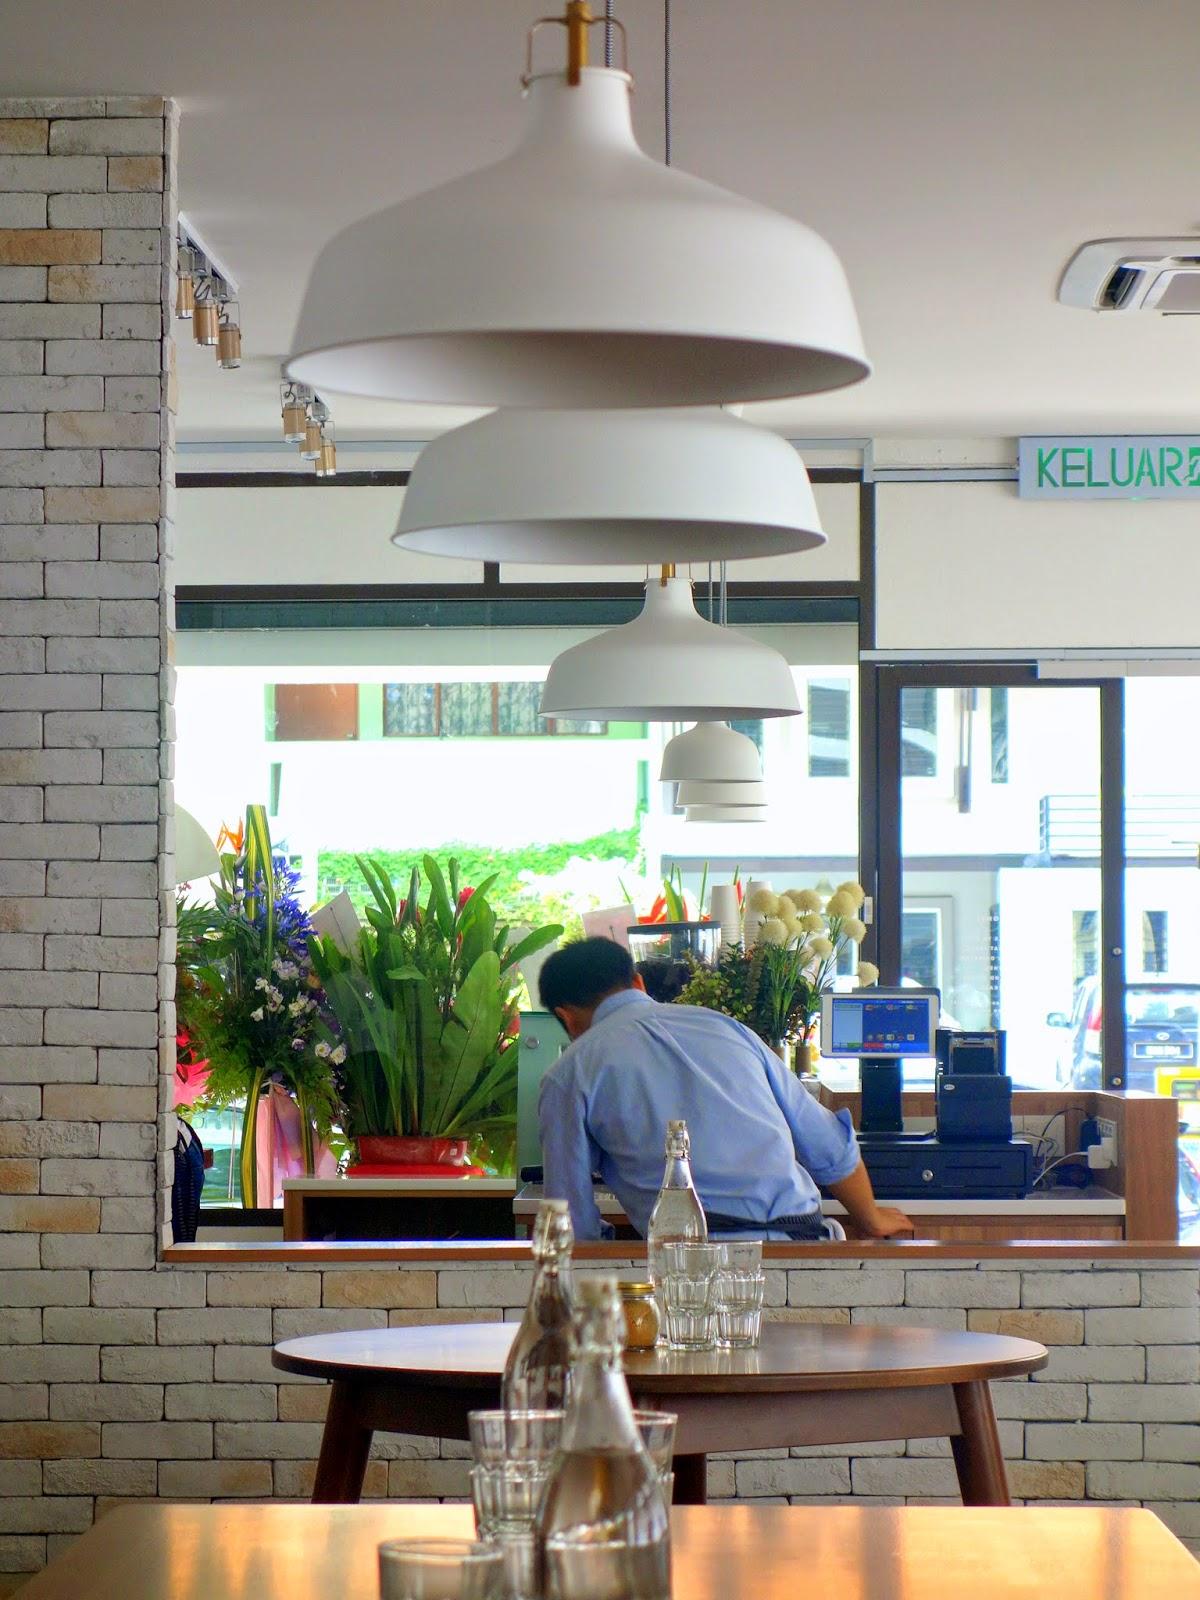 the kitchen table restaurant bakery kitchen table restaurant The Kitchen Table Restaurant Bakery Damansara Kim Petaling Jaya